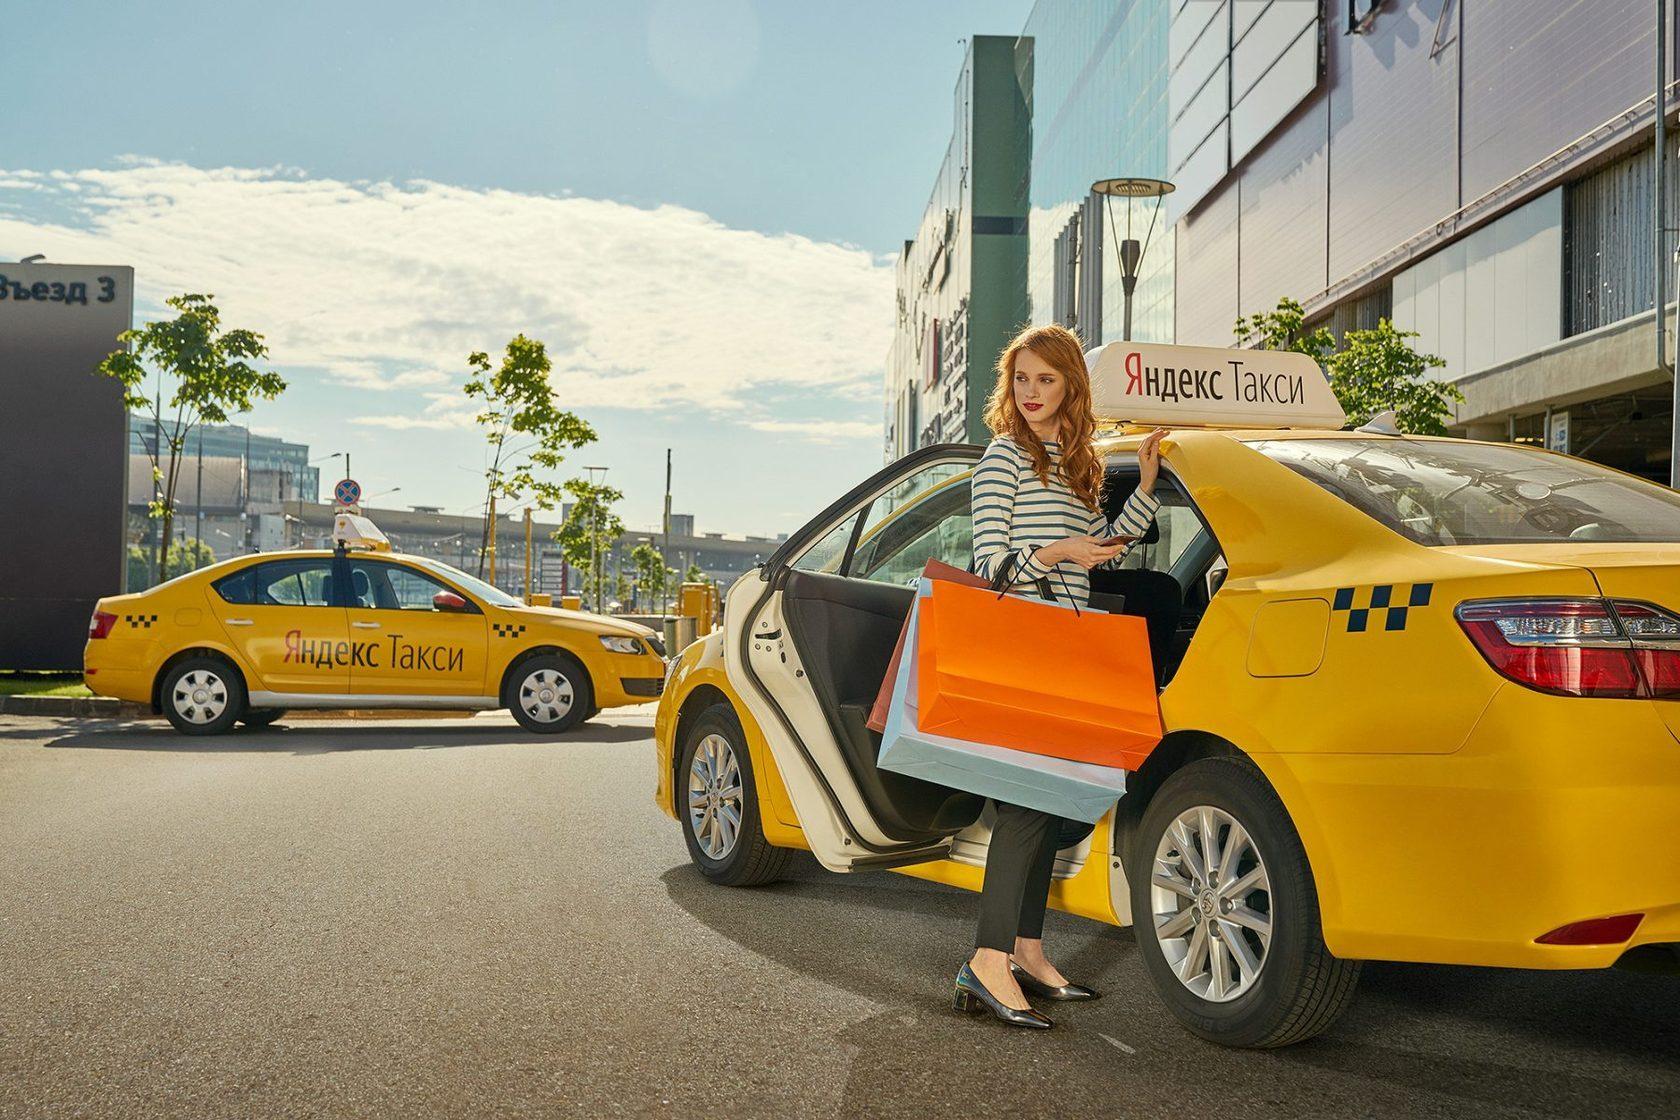 Гифки яндекс такси